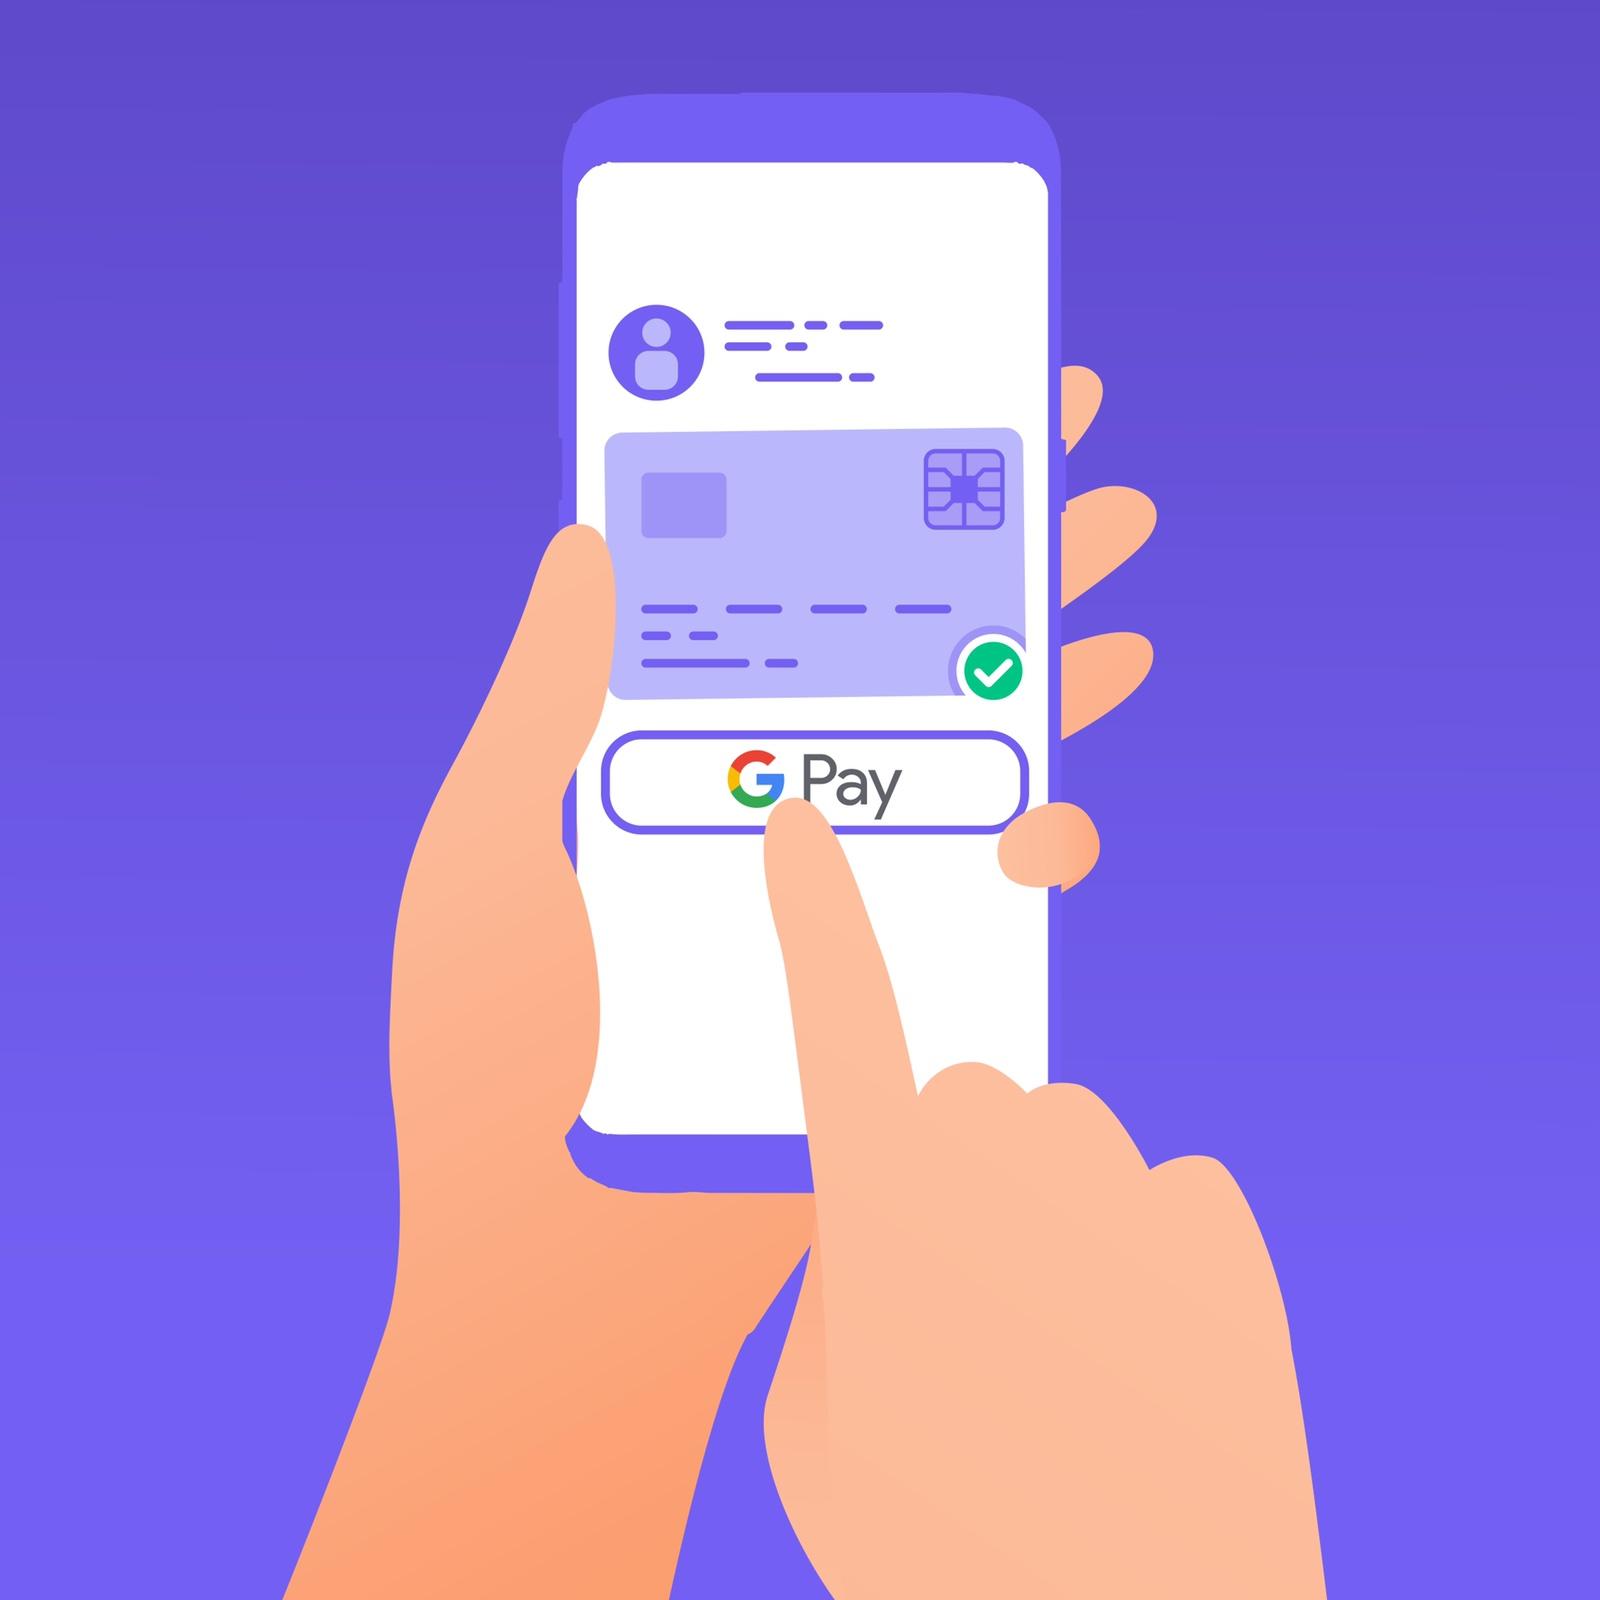 Rakuten Viber định hướng trở thành siêu ứng dụng, ra mắt phương thức thanh toán trong ChatBot  - Ảnh 1